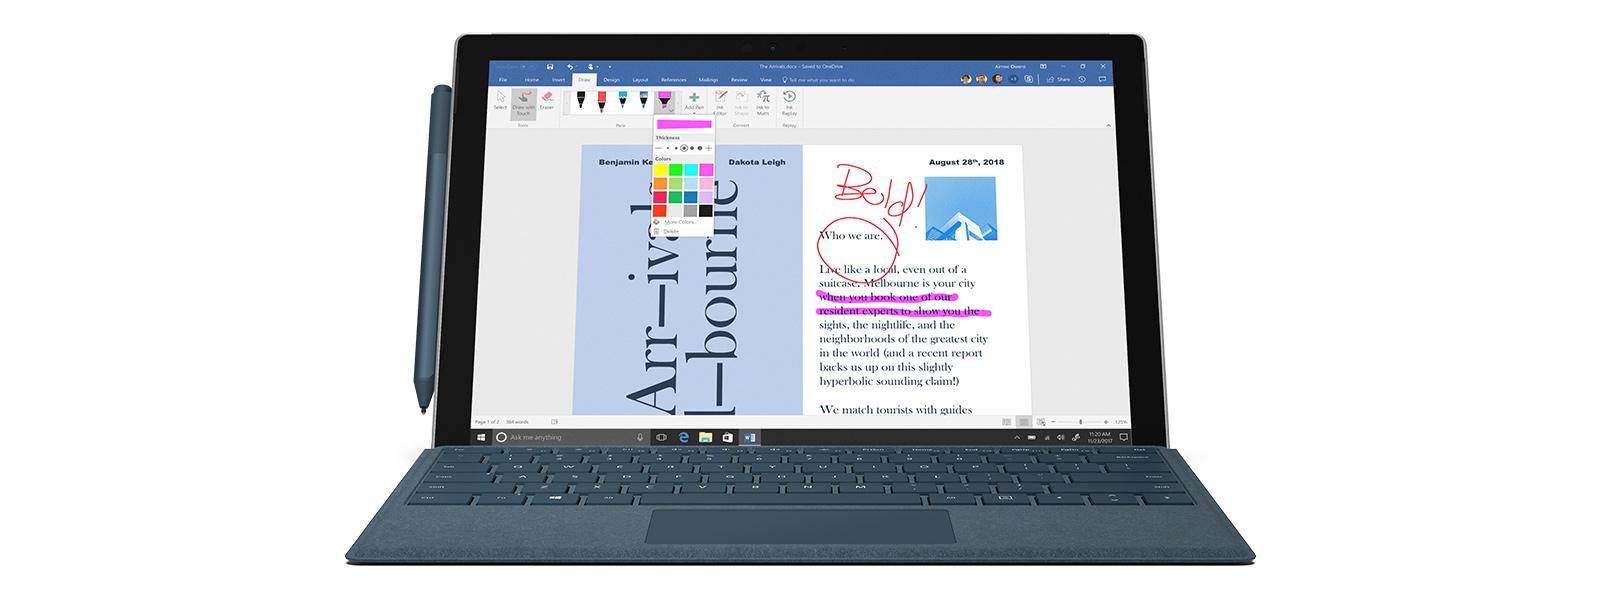 Szabadkézi műveletek bemutatása egy Paint 3D-képernyőn, Surface Pro eszközön